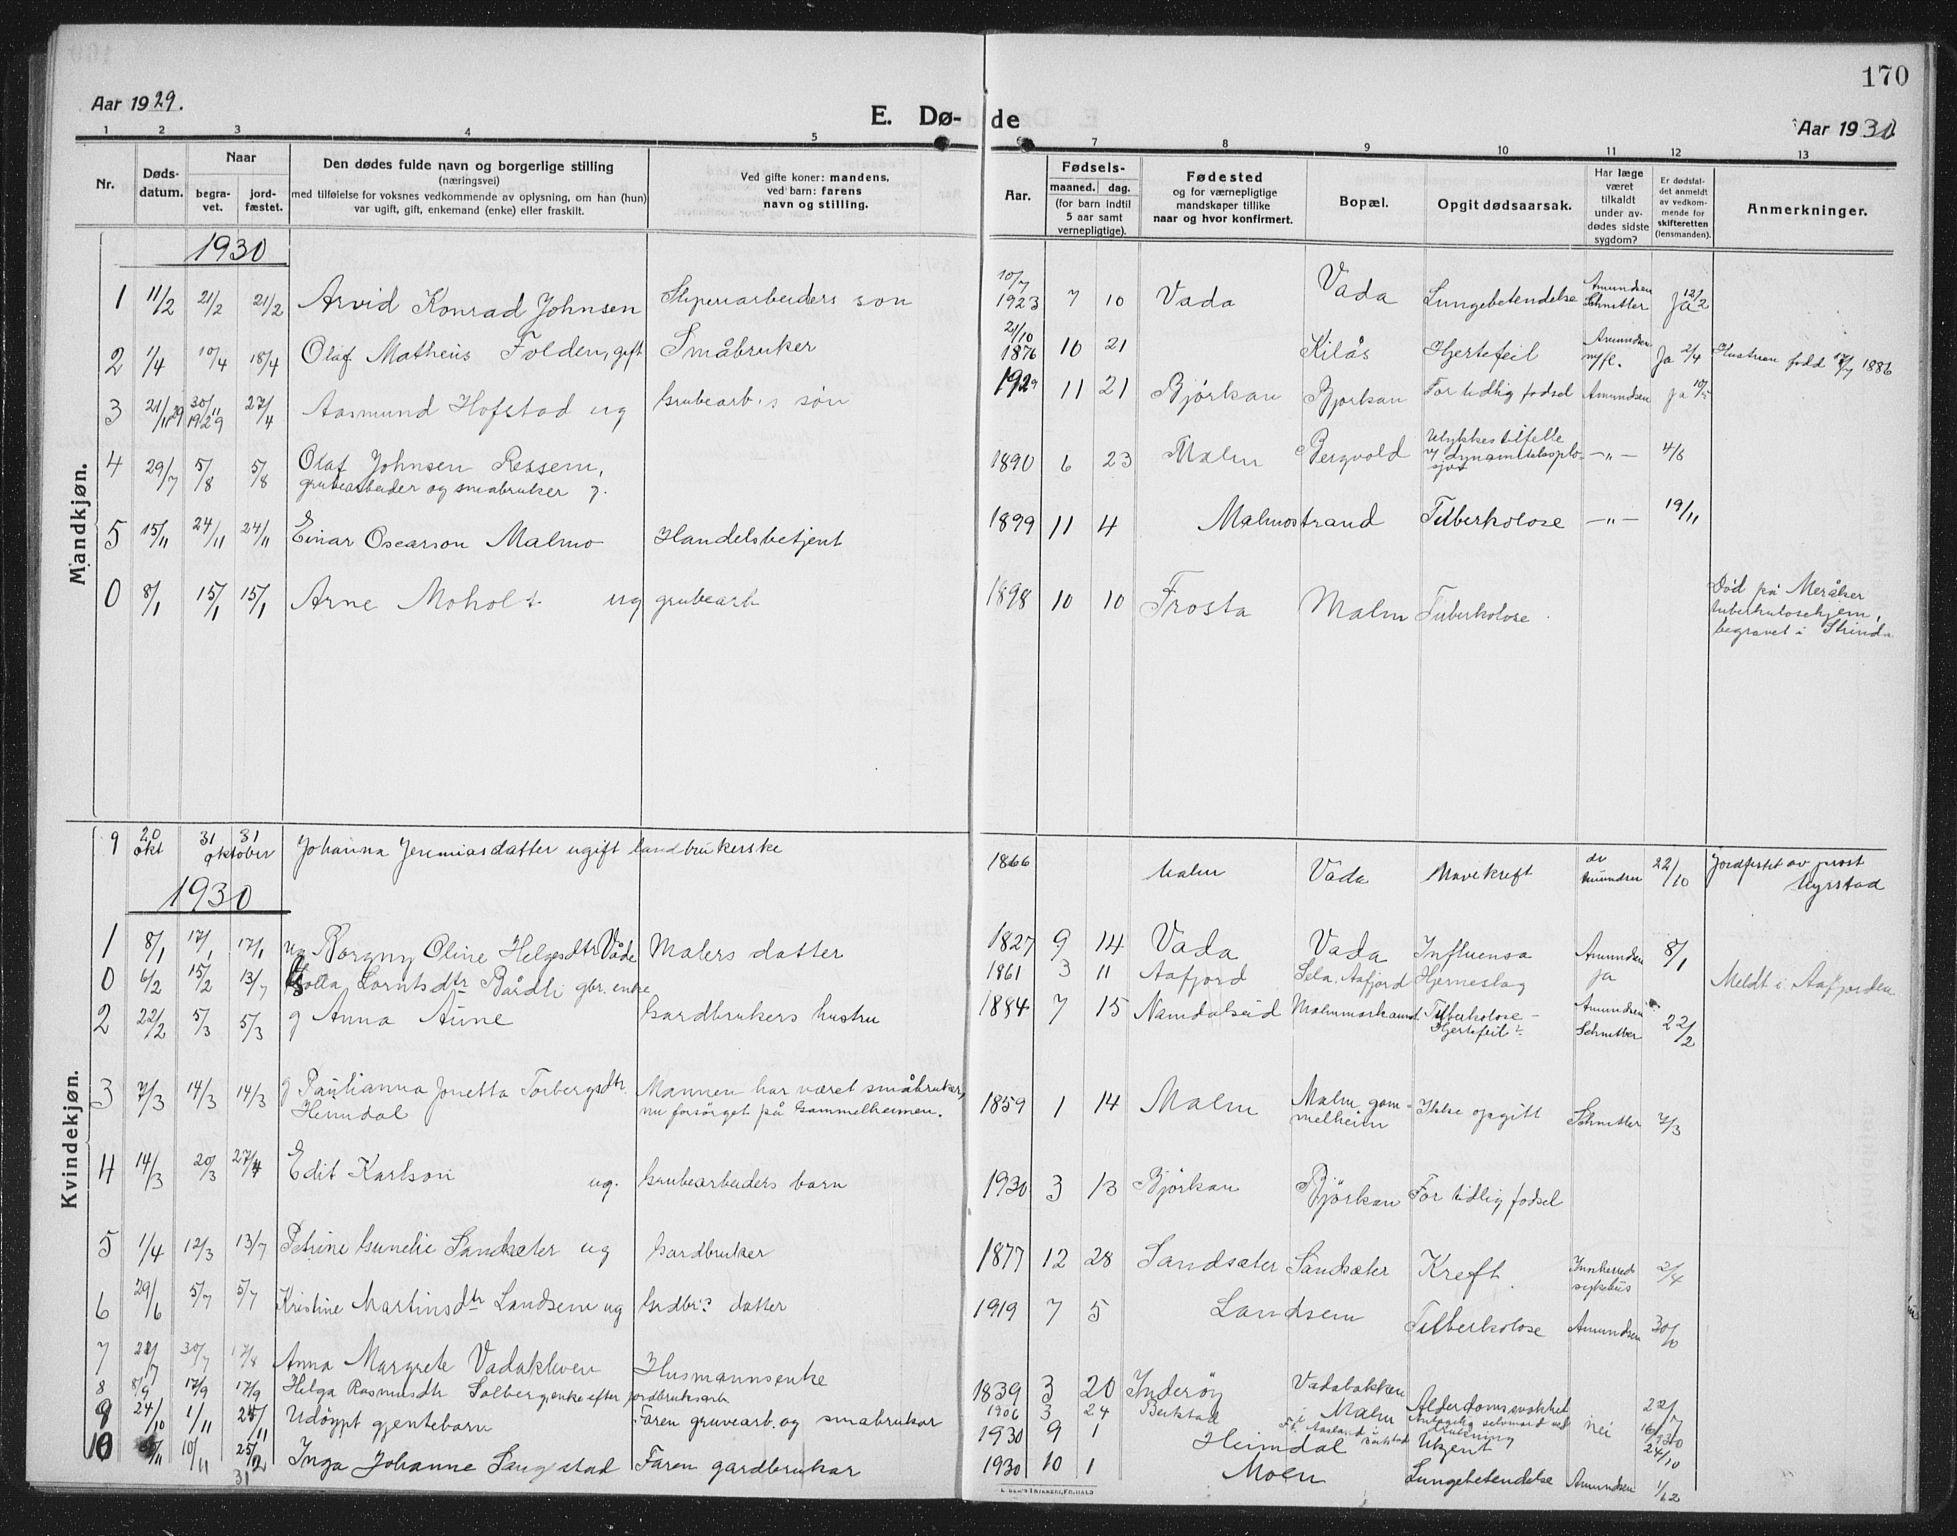 SAT, Ministerialprotokoller, klokkerbøker og fødselsregistre - Nord-Trøndelag, 745/L0434: Klokkerbok nr. 745C03, 1914-1937, s. 170